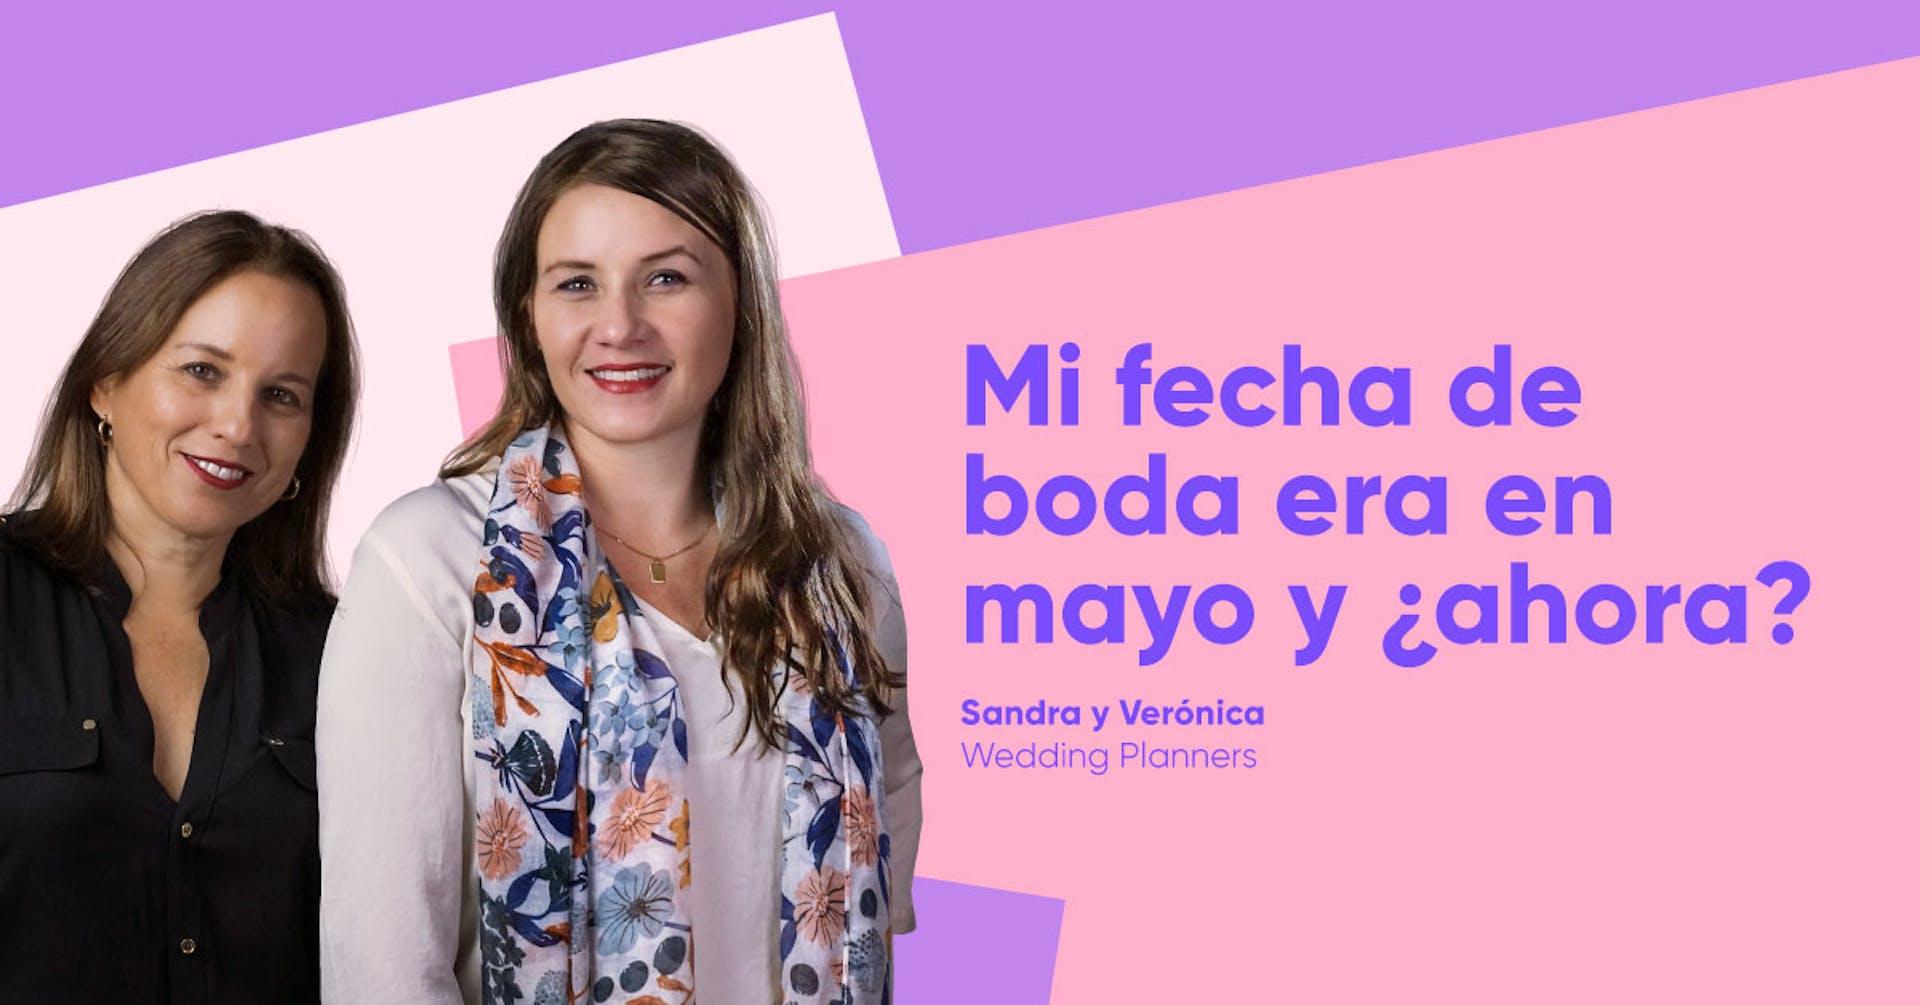 Mi fecha de boda era en abril, mayo… y ¿ahora?